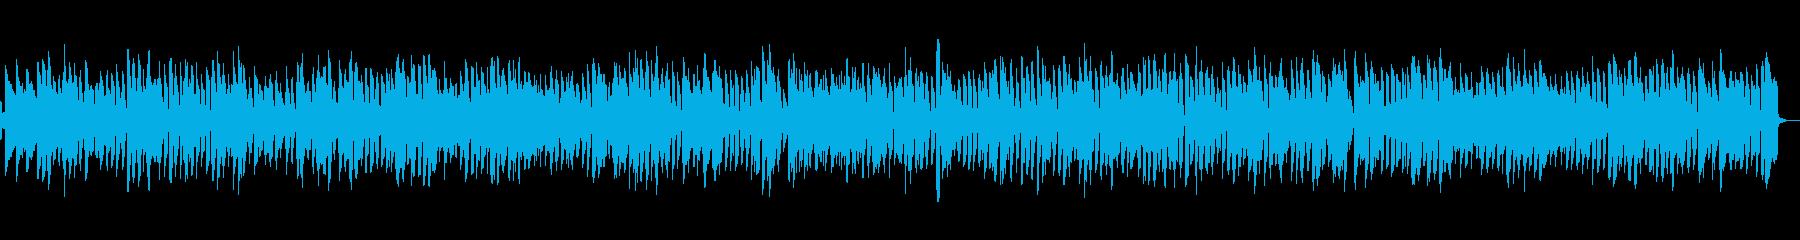 薄暗いバーのピアノジャズの再生済みの波形